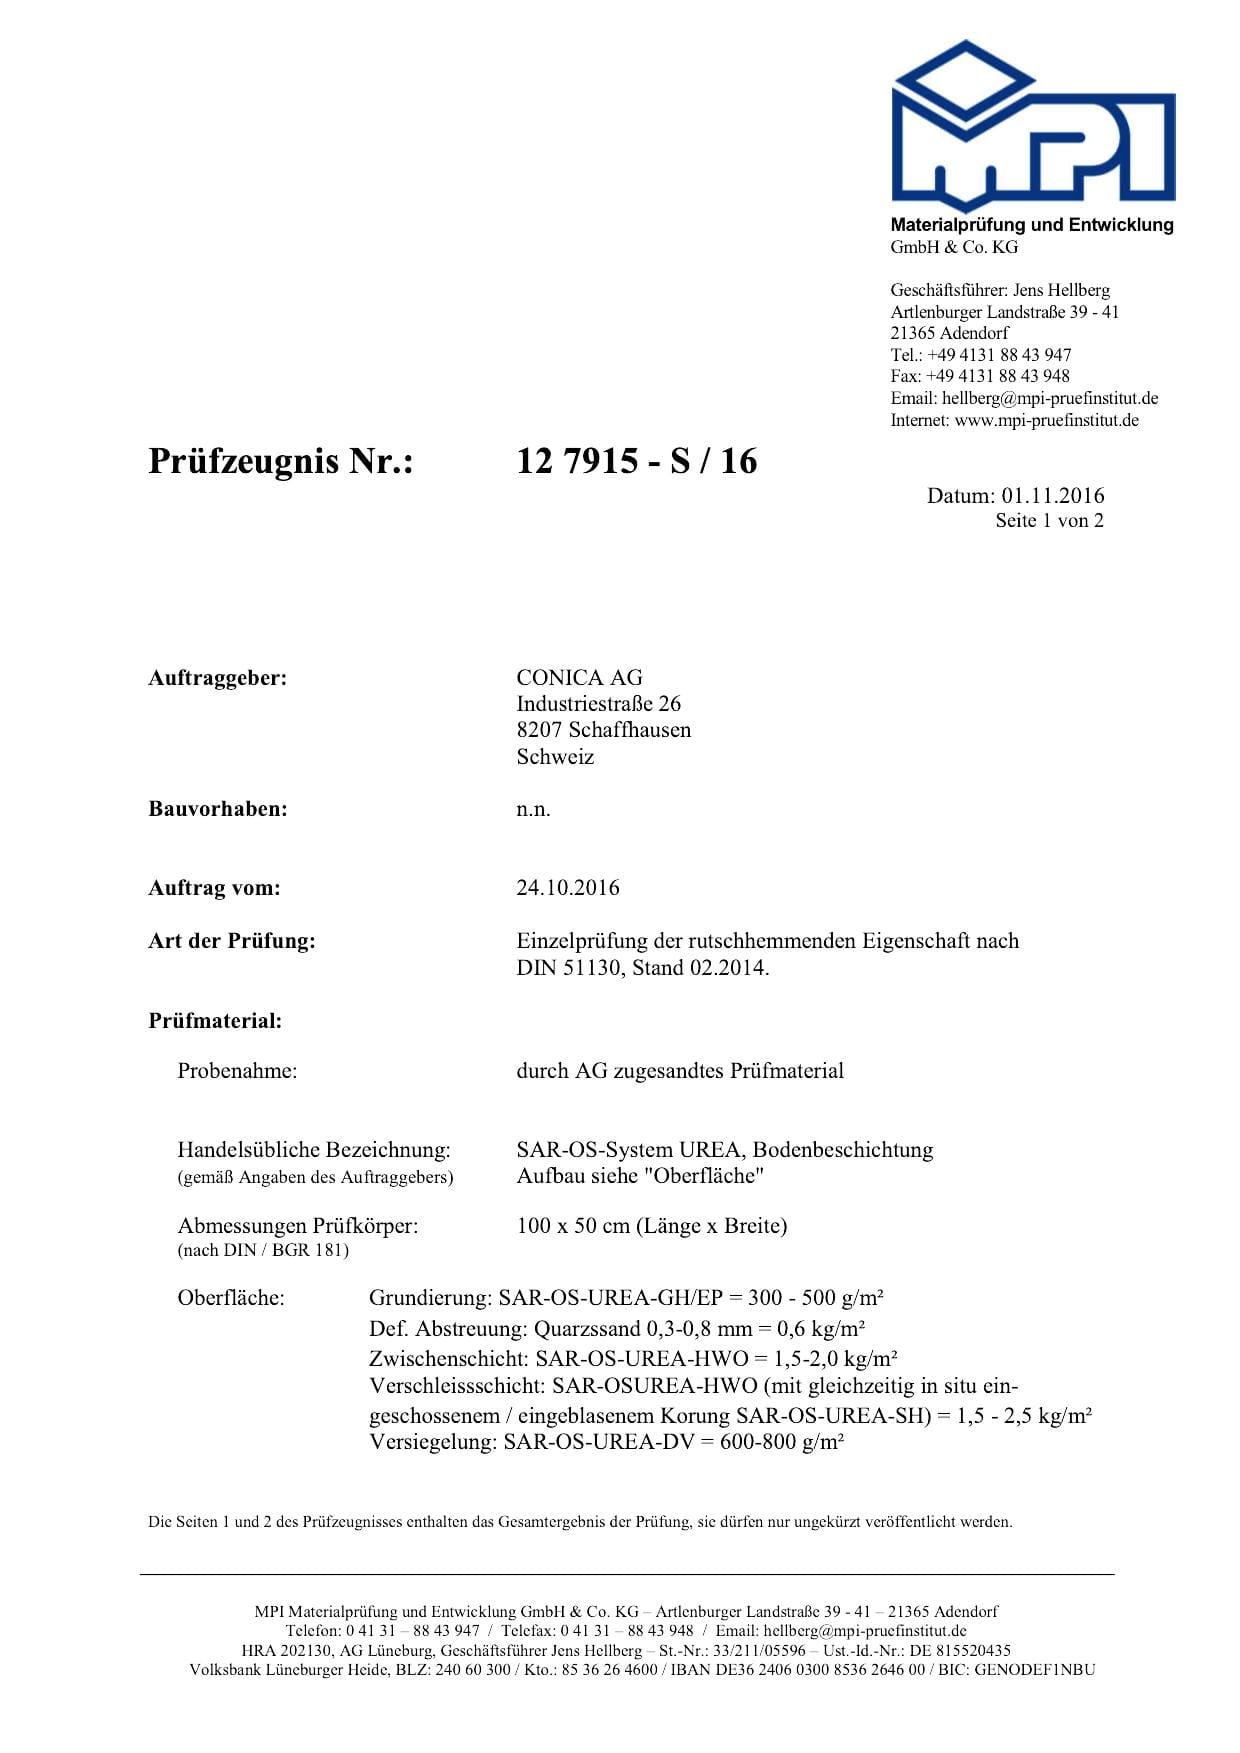 Pruefbericht_SAR-OS-UREA_Rutschhemmung_R13V_8001